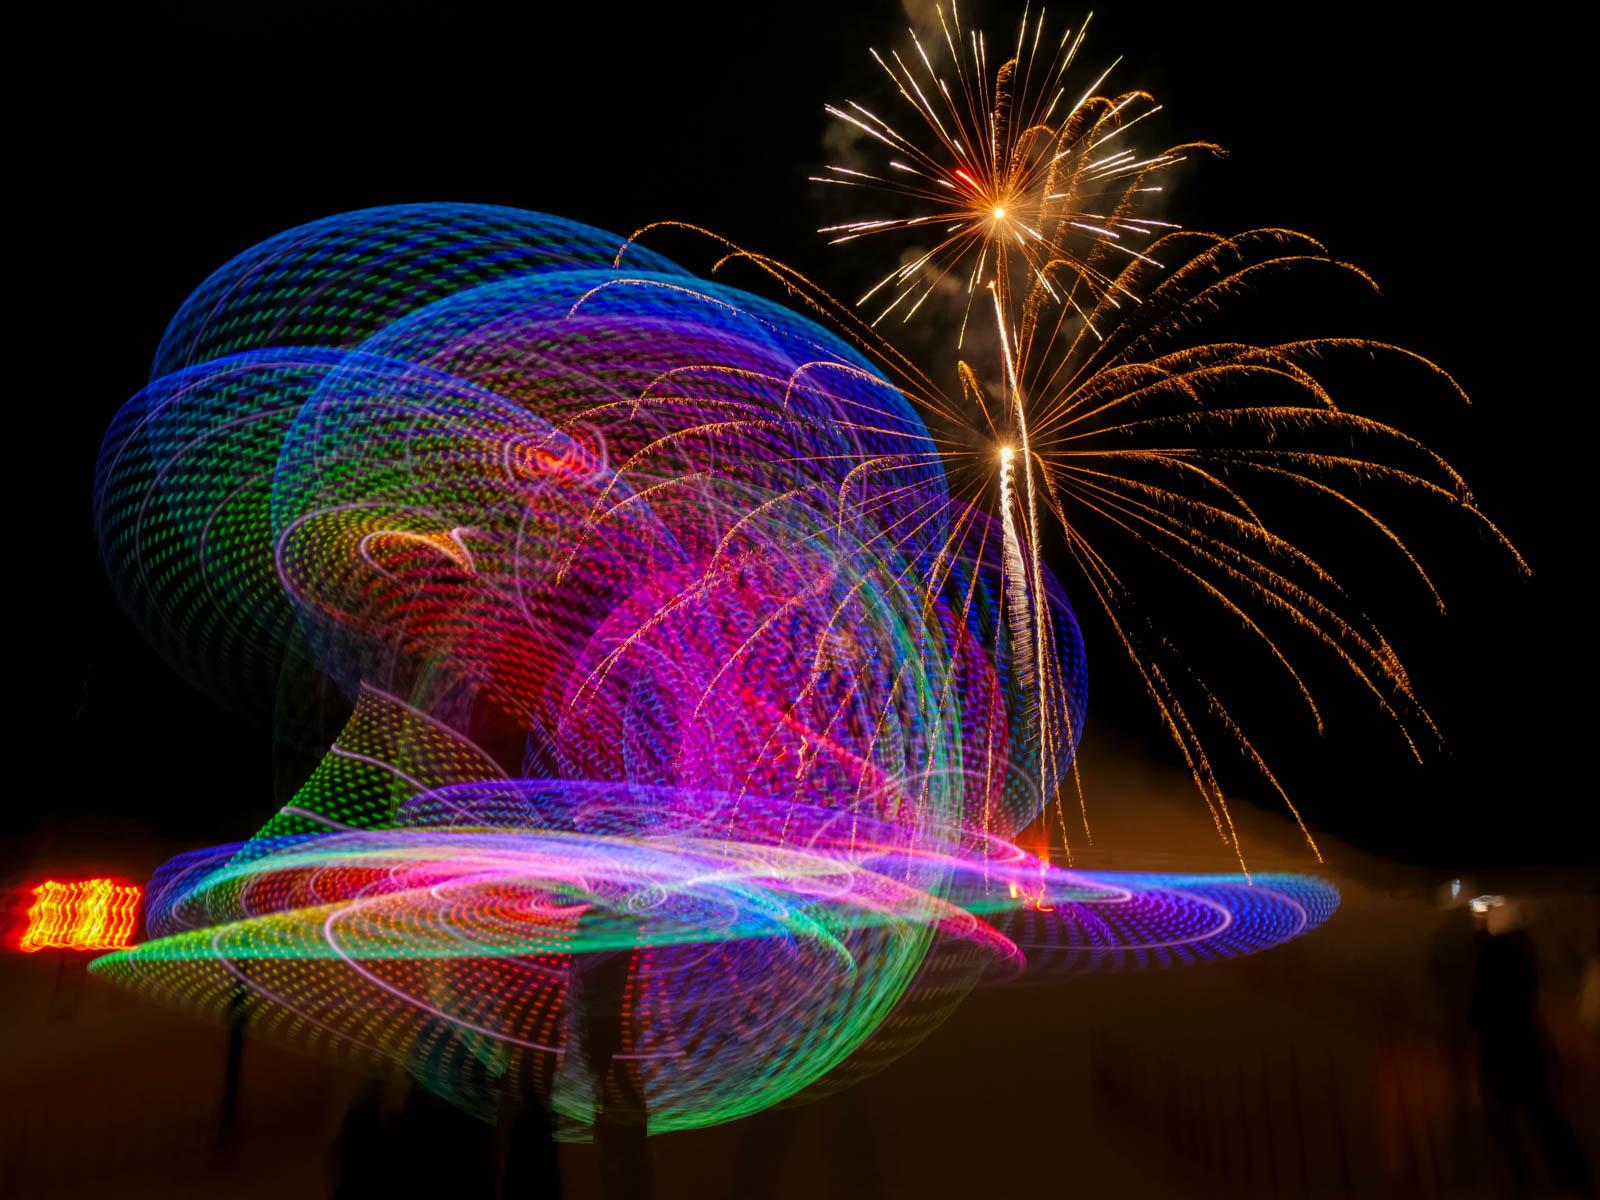 Fireworks landscape